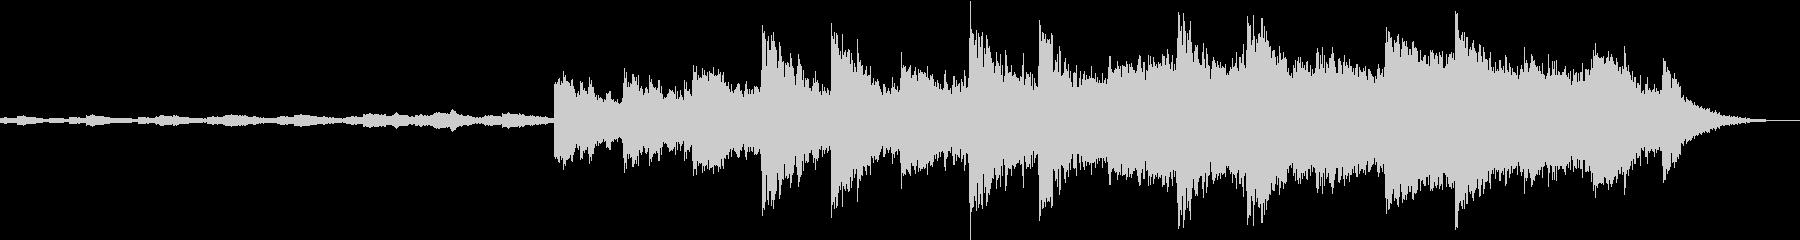 シネマティックサウンドの未再生の波形